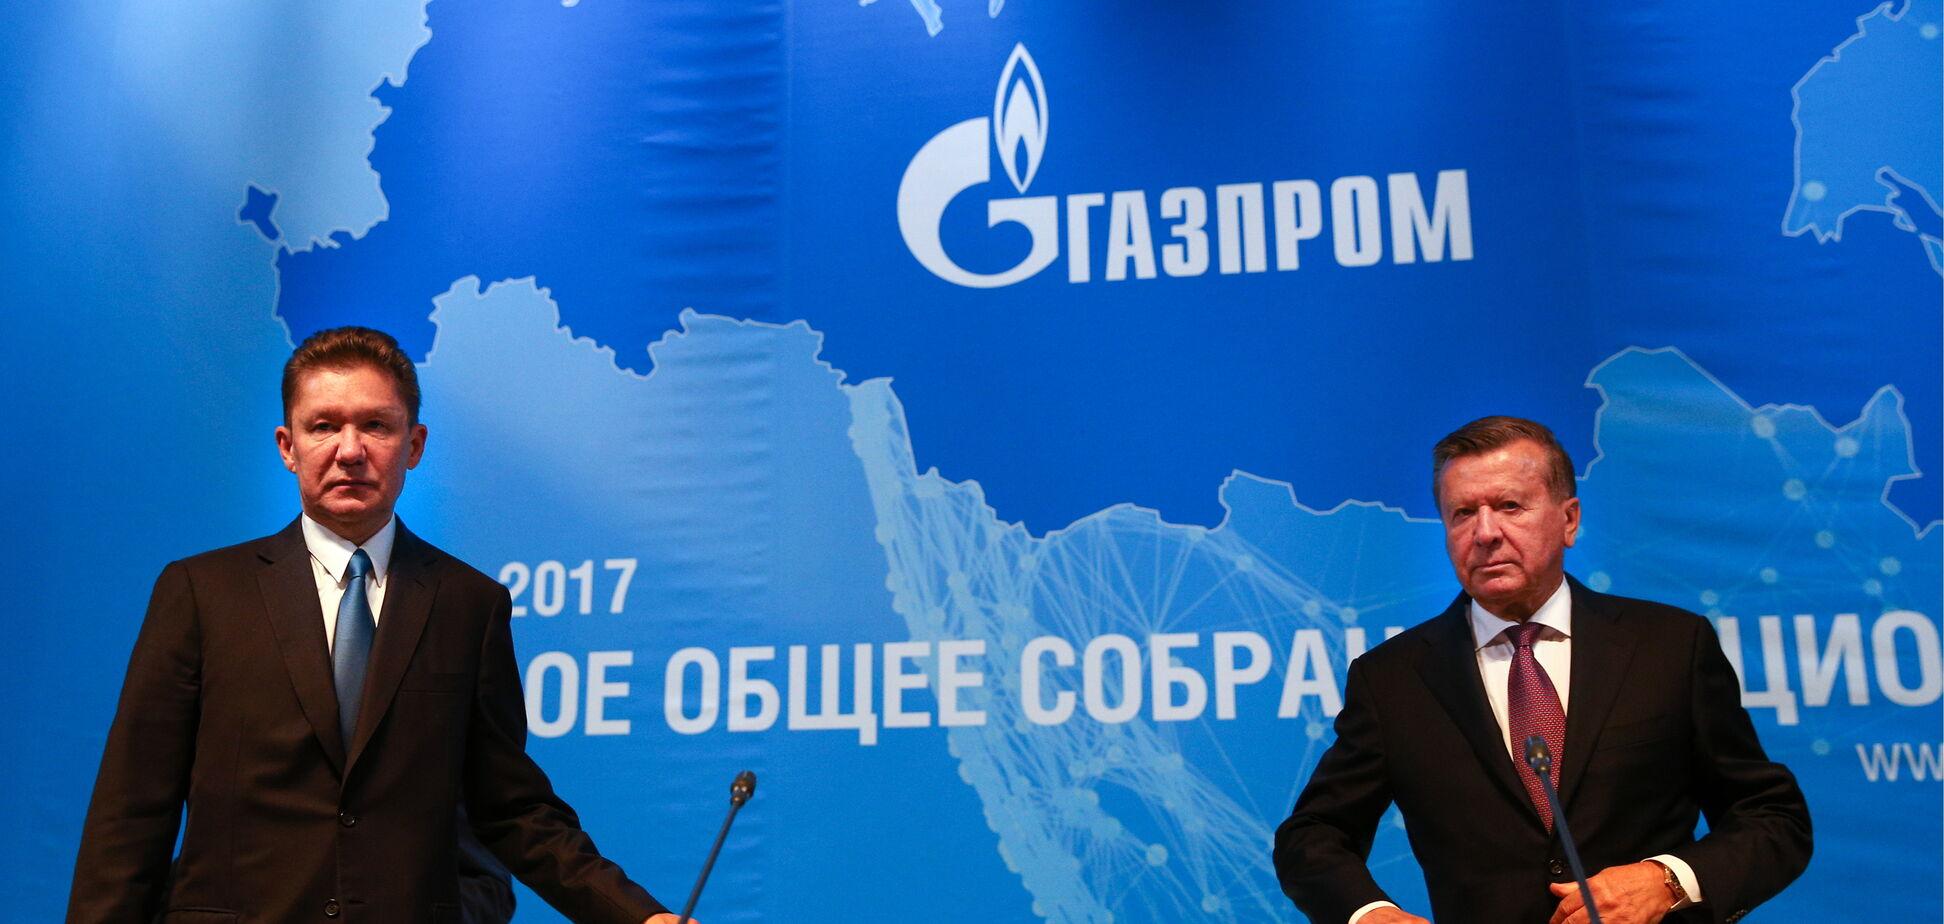 'Газпром' начал процедуру расторжения контрактов с 'Нафтогазом'